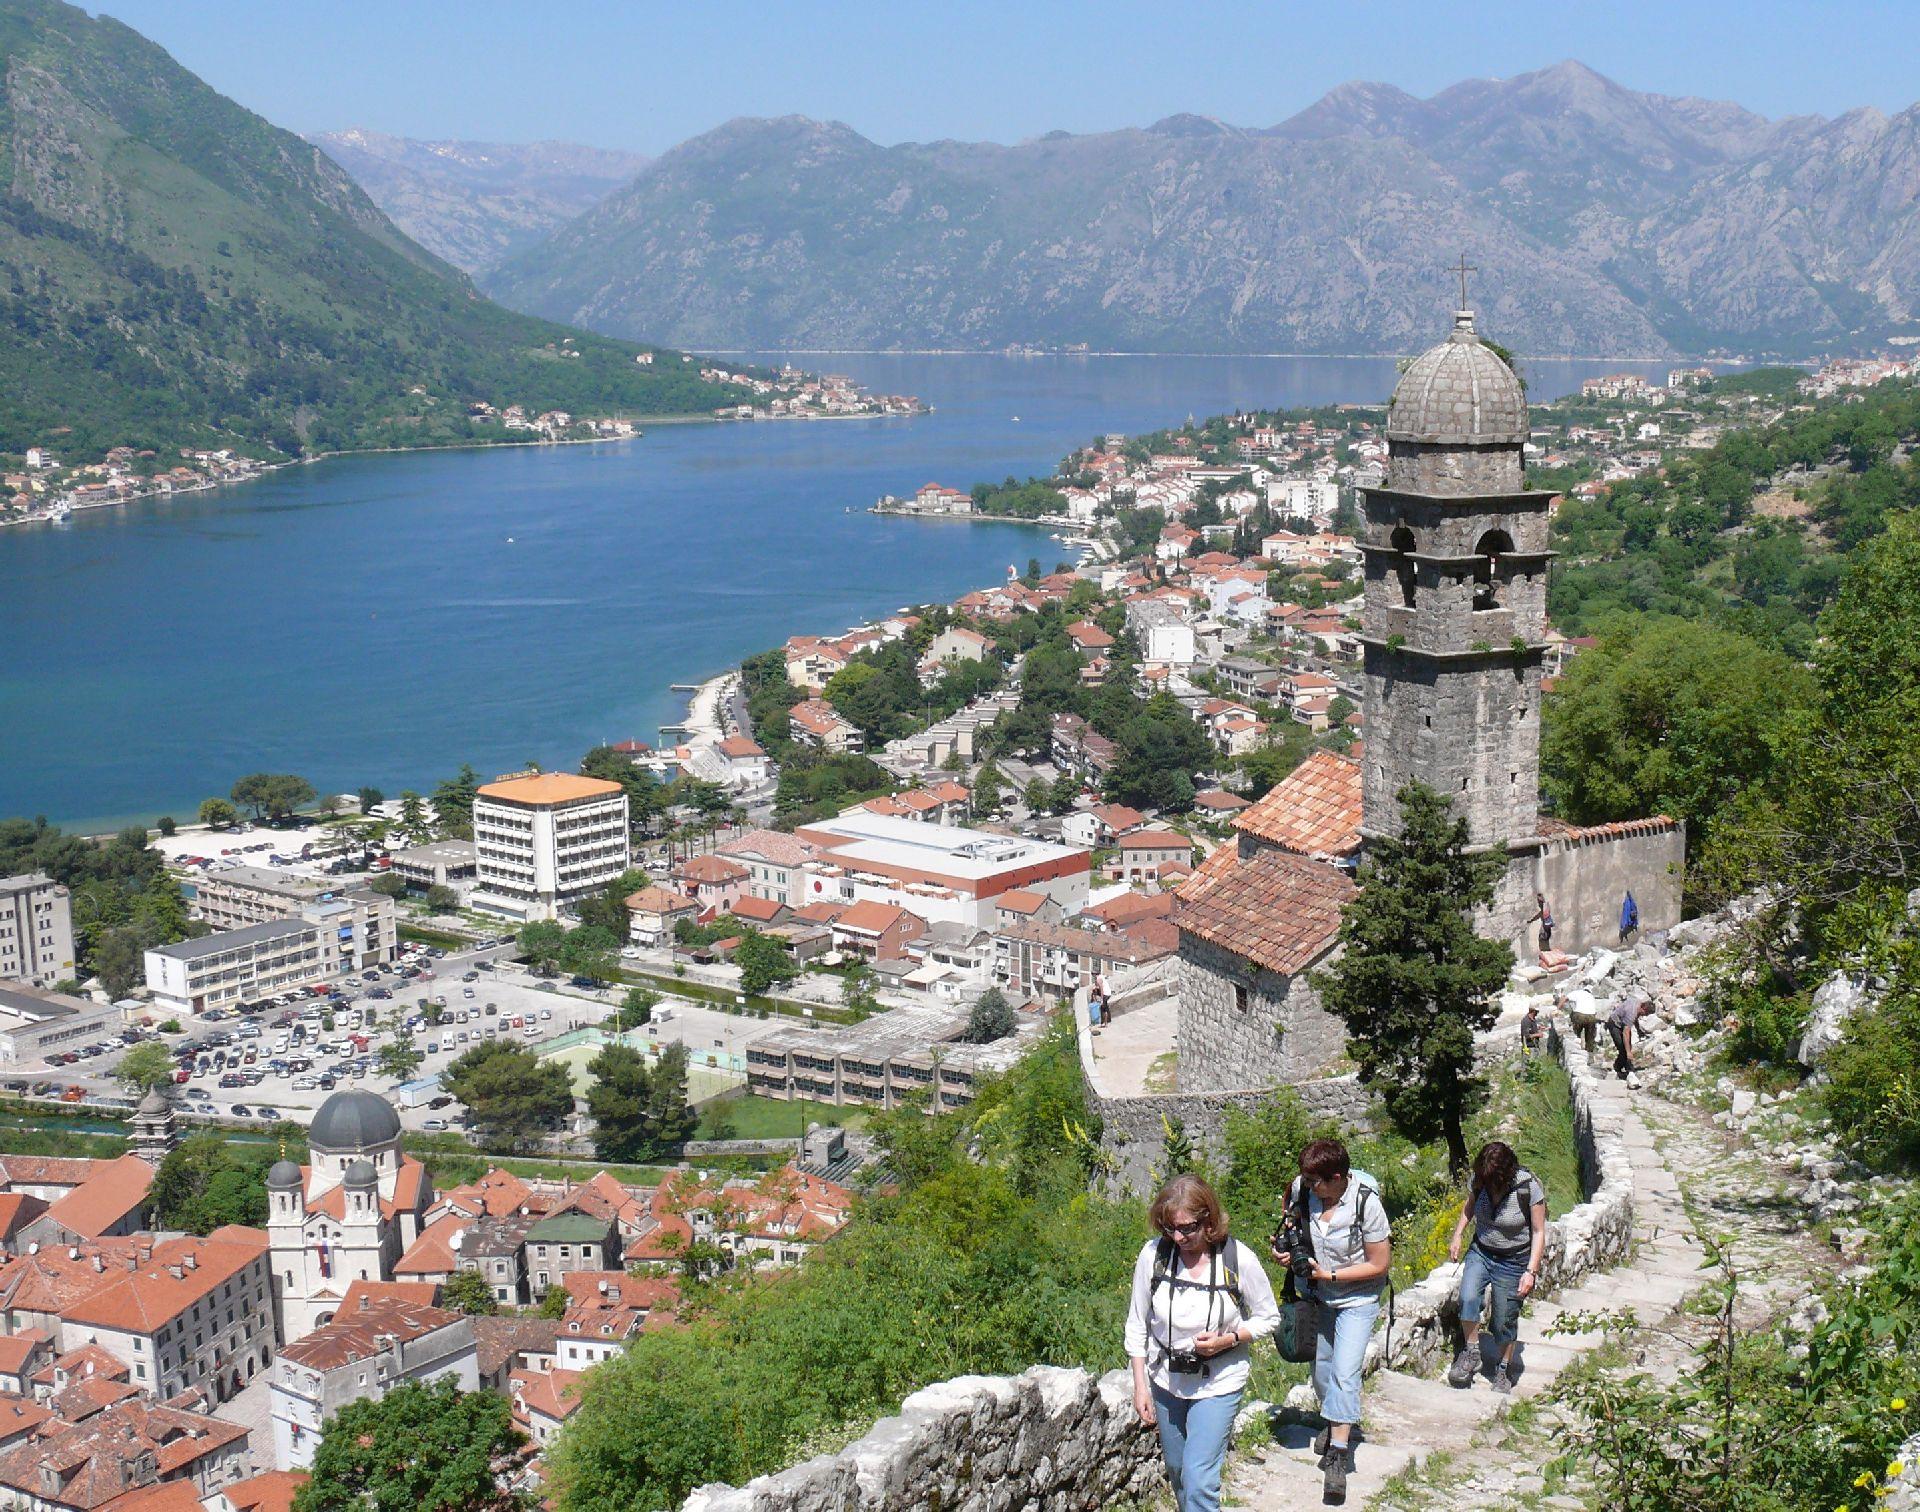 """Résultat de recherche d'images pour """"The hike to St. John's Fortress montenegro"""""""